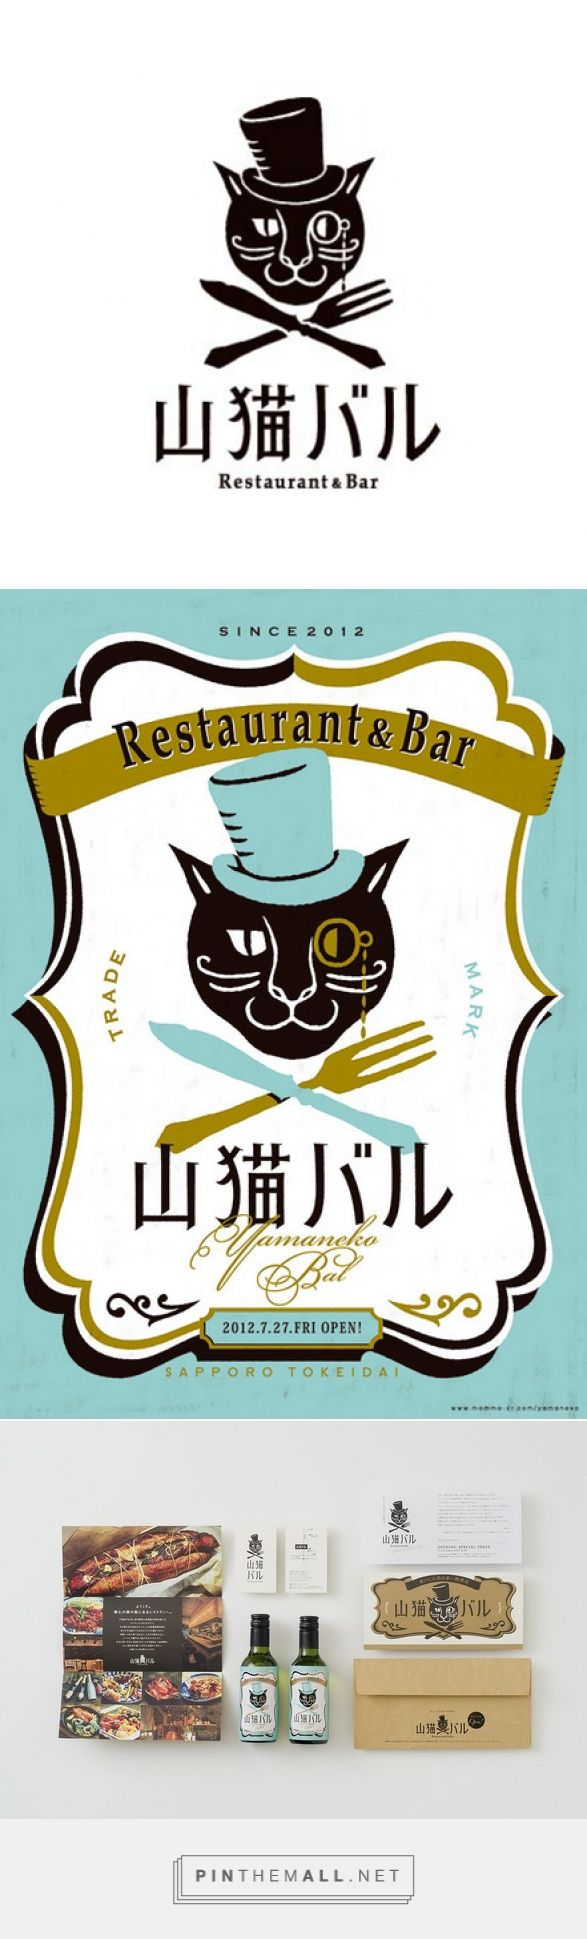 山猫バル - エイプリル Yamaneko Restaurant and Barcurated by Packaging Diva PD. Cute cat in a top hat.